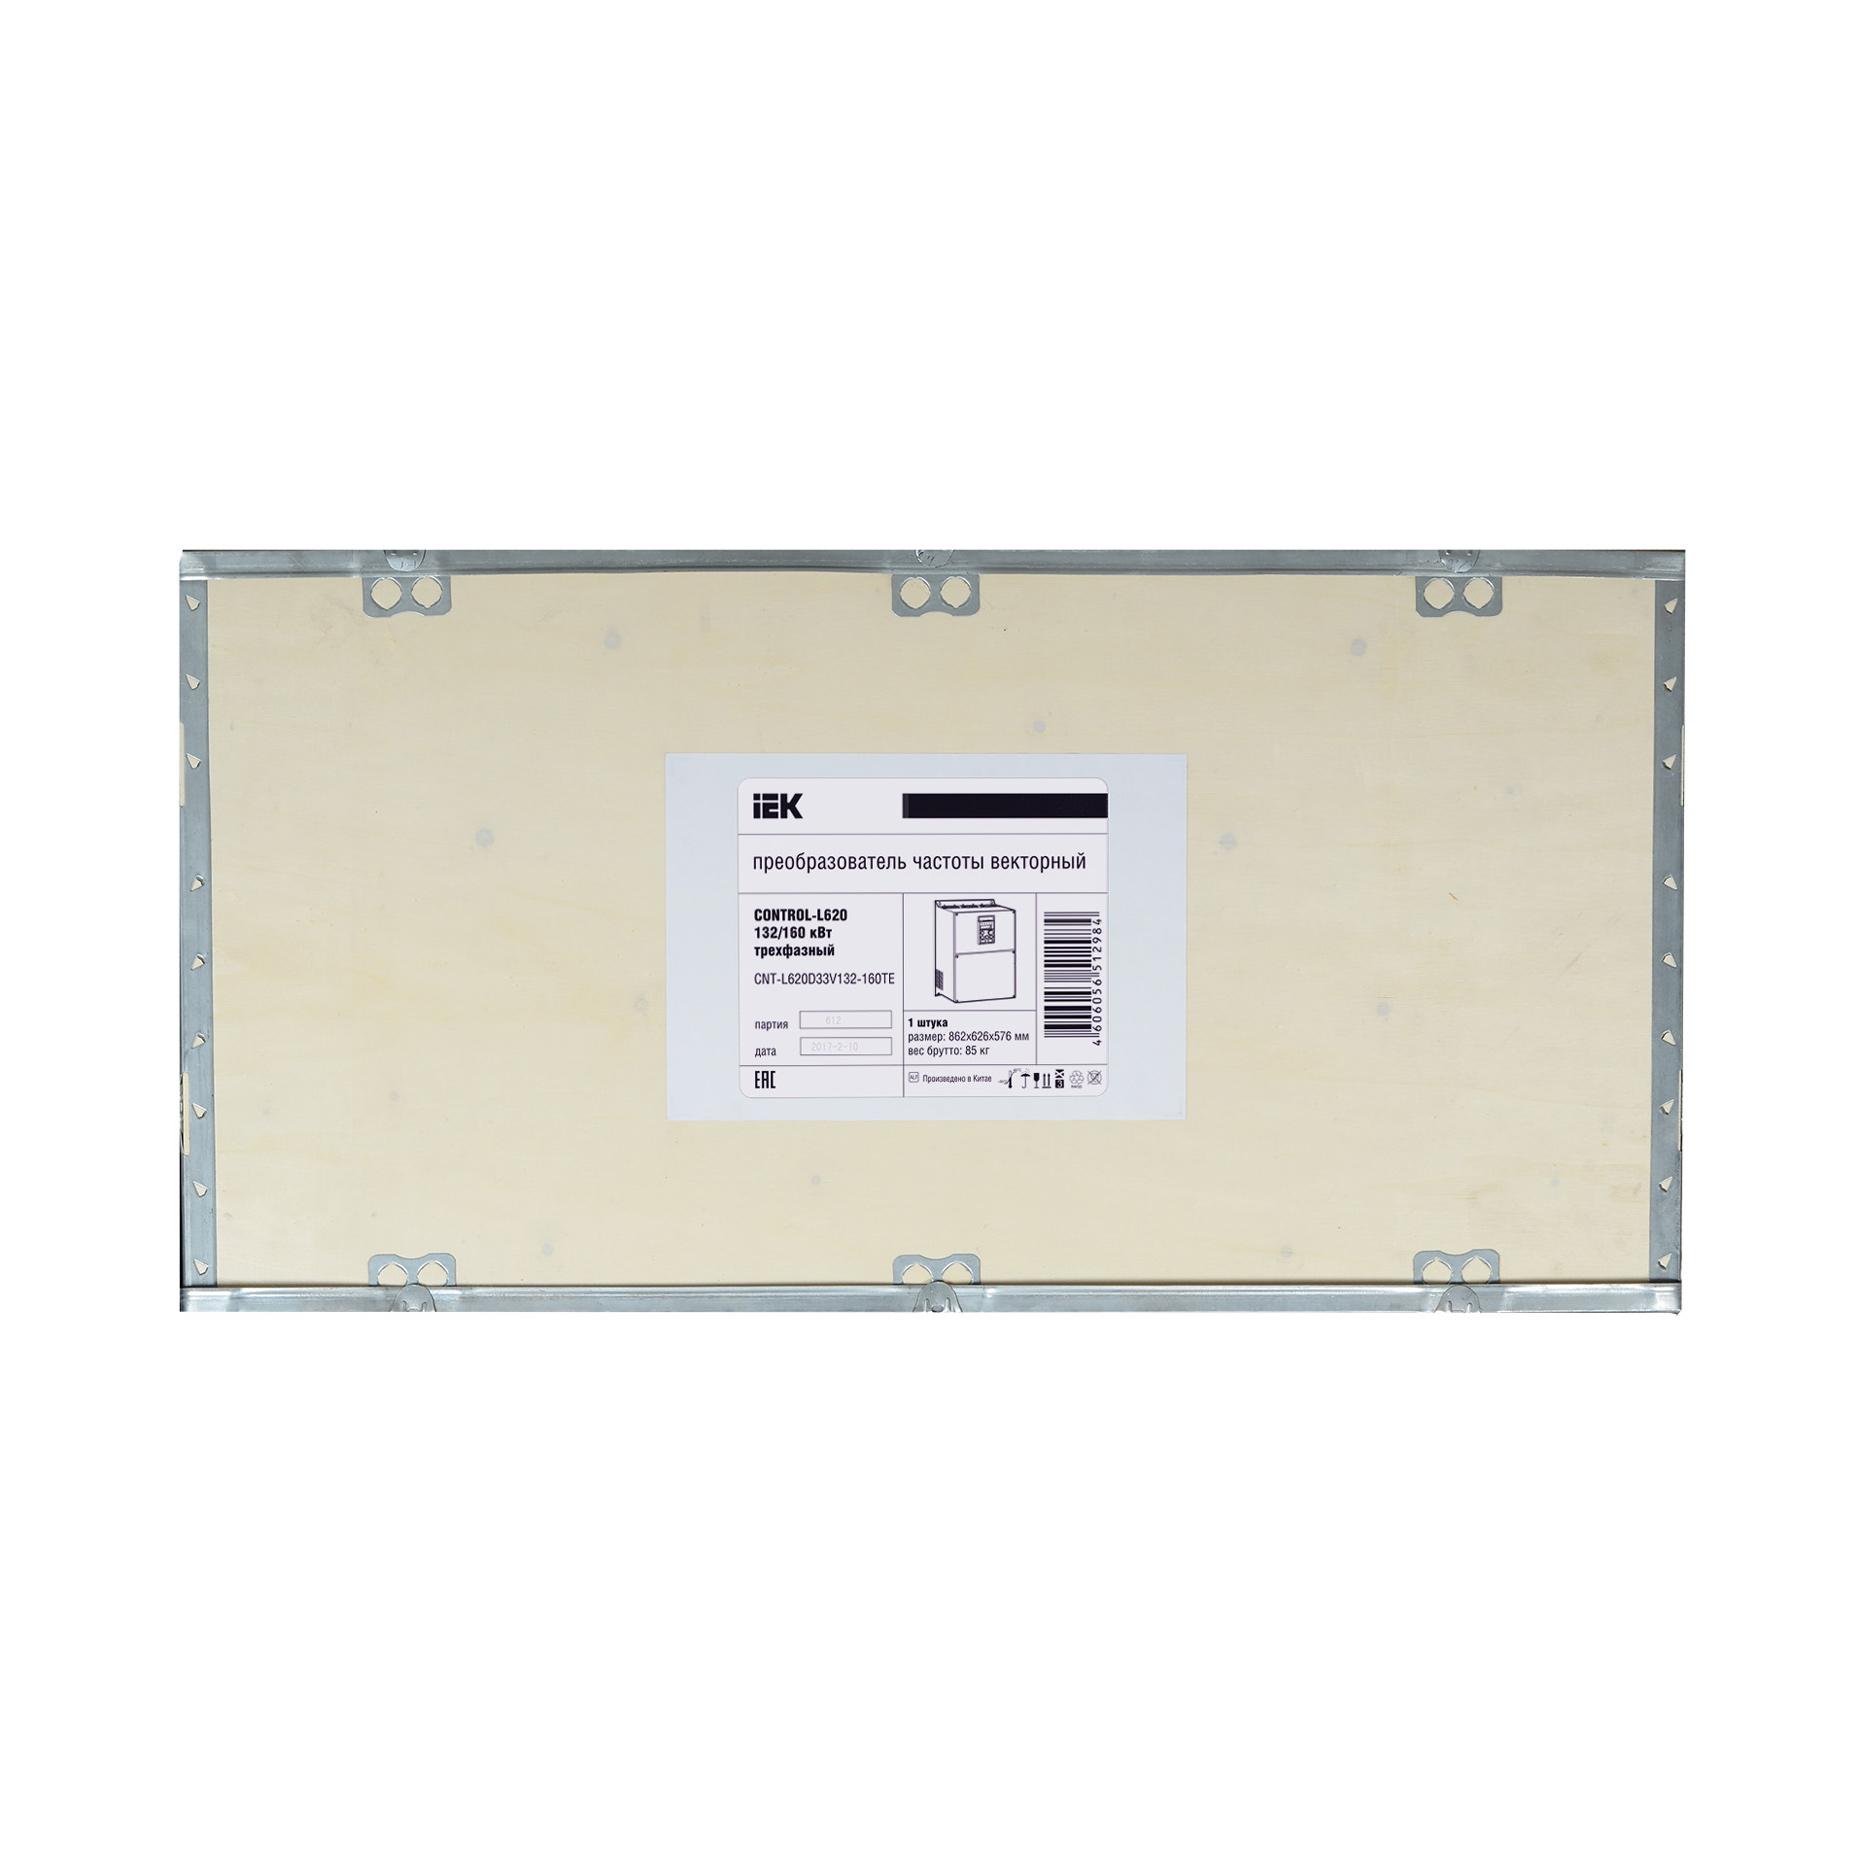 Преобразователь частоты CONTROL-L620 380В 3Ф 132-160кВт 253-304A IEK